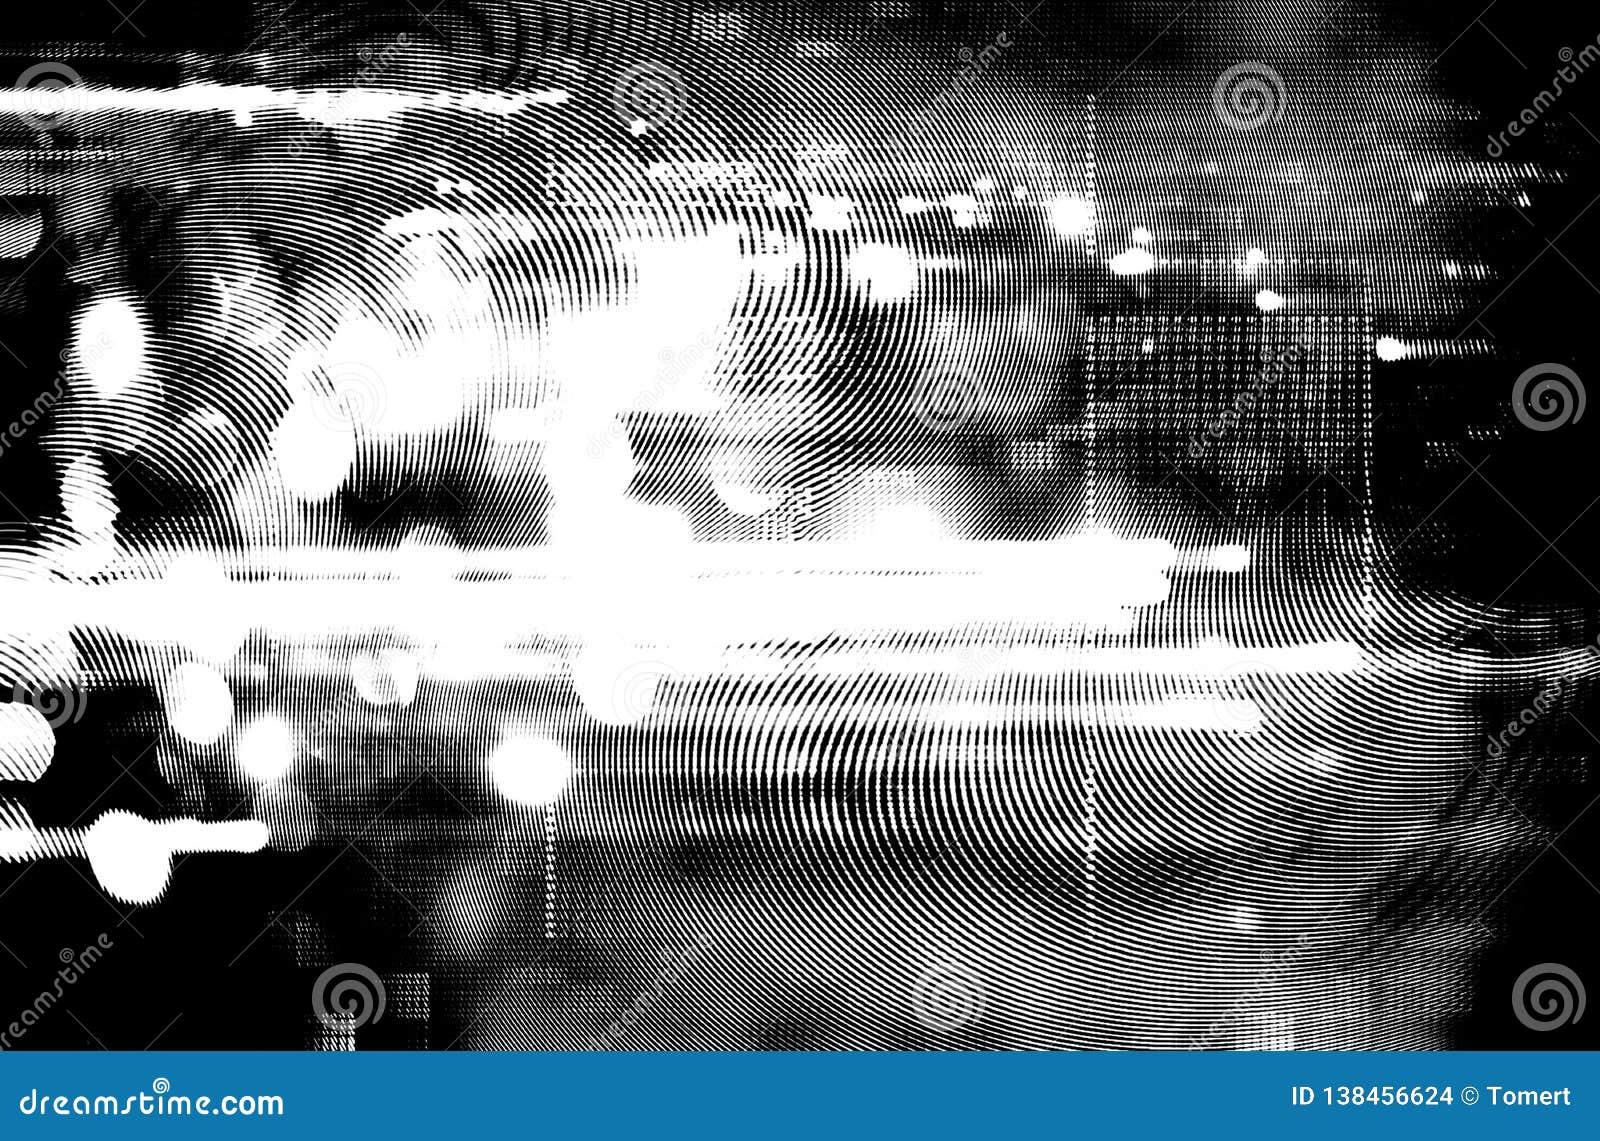 Fundo futurista do estilo retro dos anos 80 Digitas ou superfície do Cyber luzes de néon e teste padrão geométrico, pulso aleatór